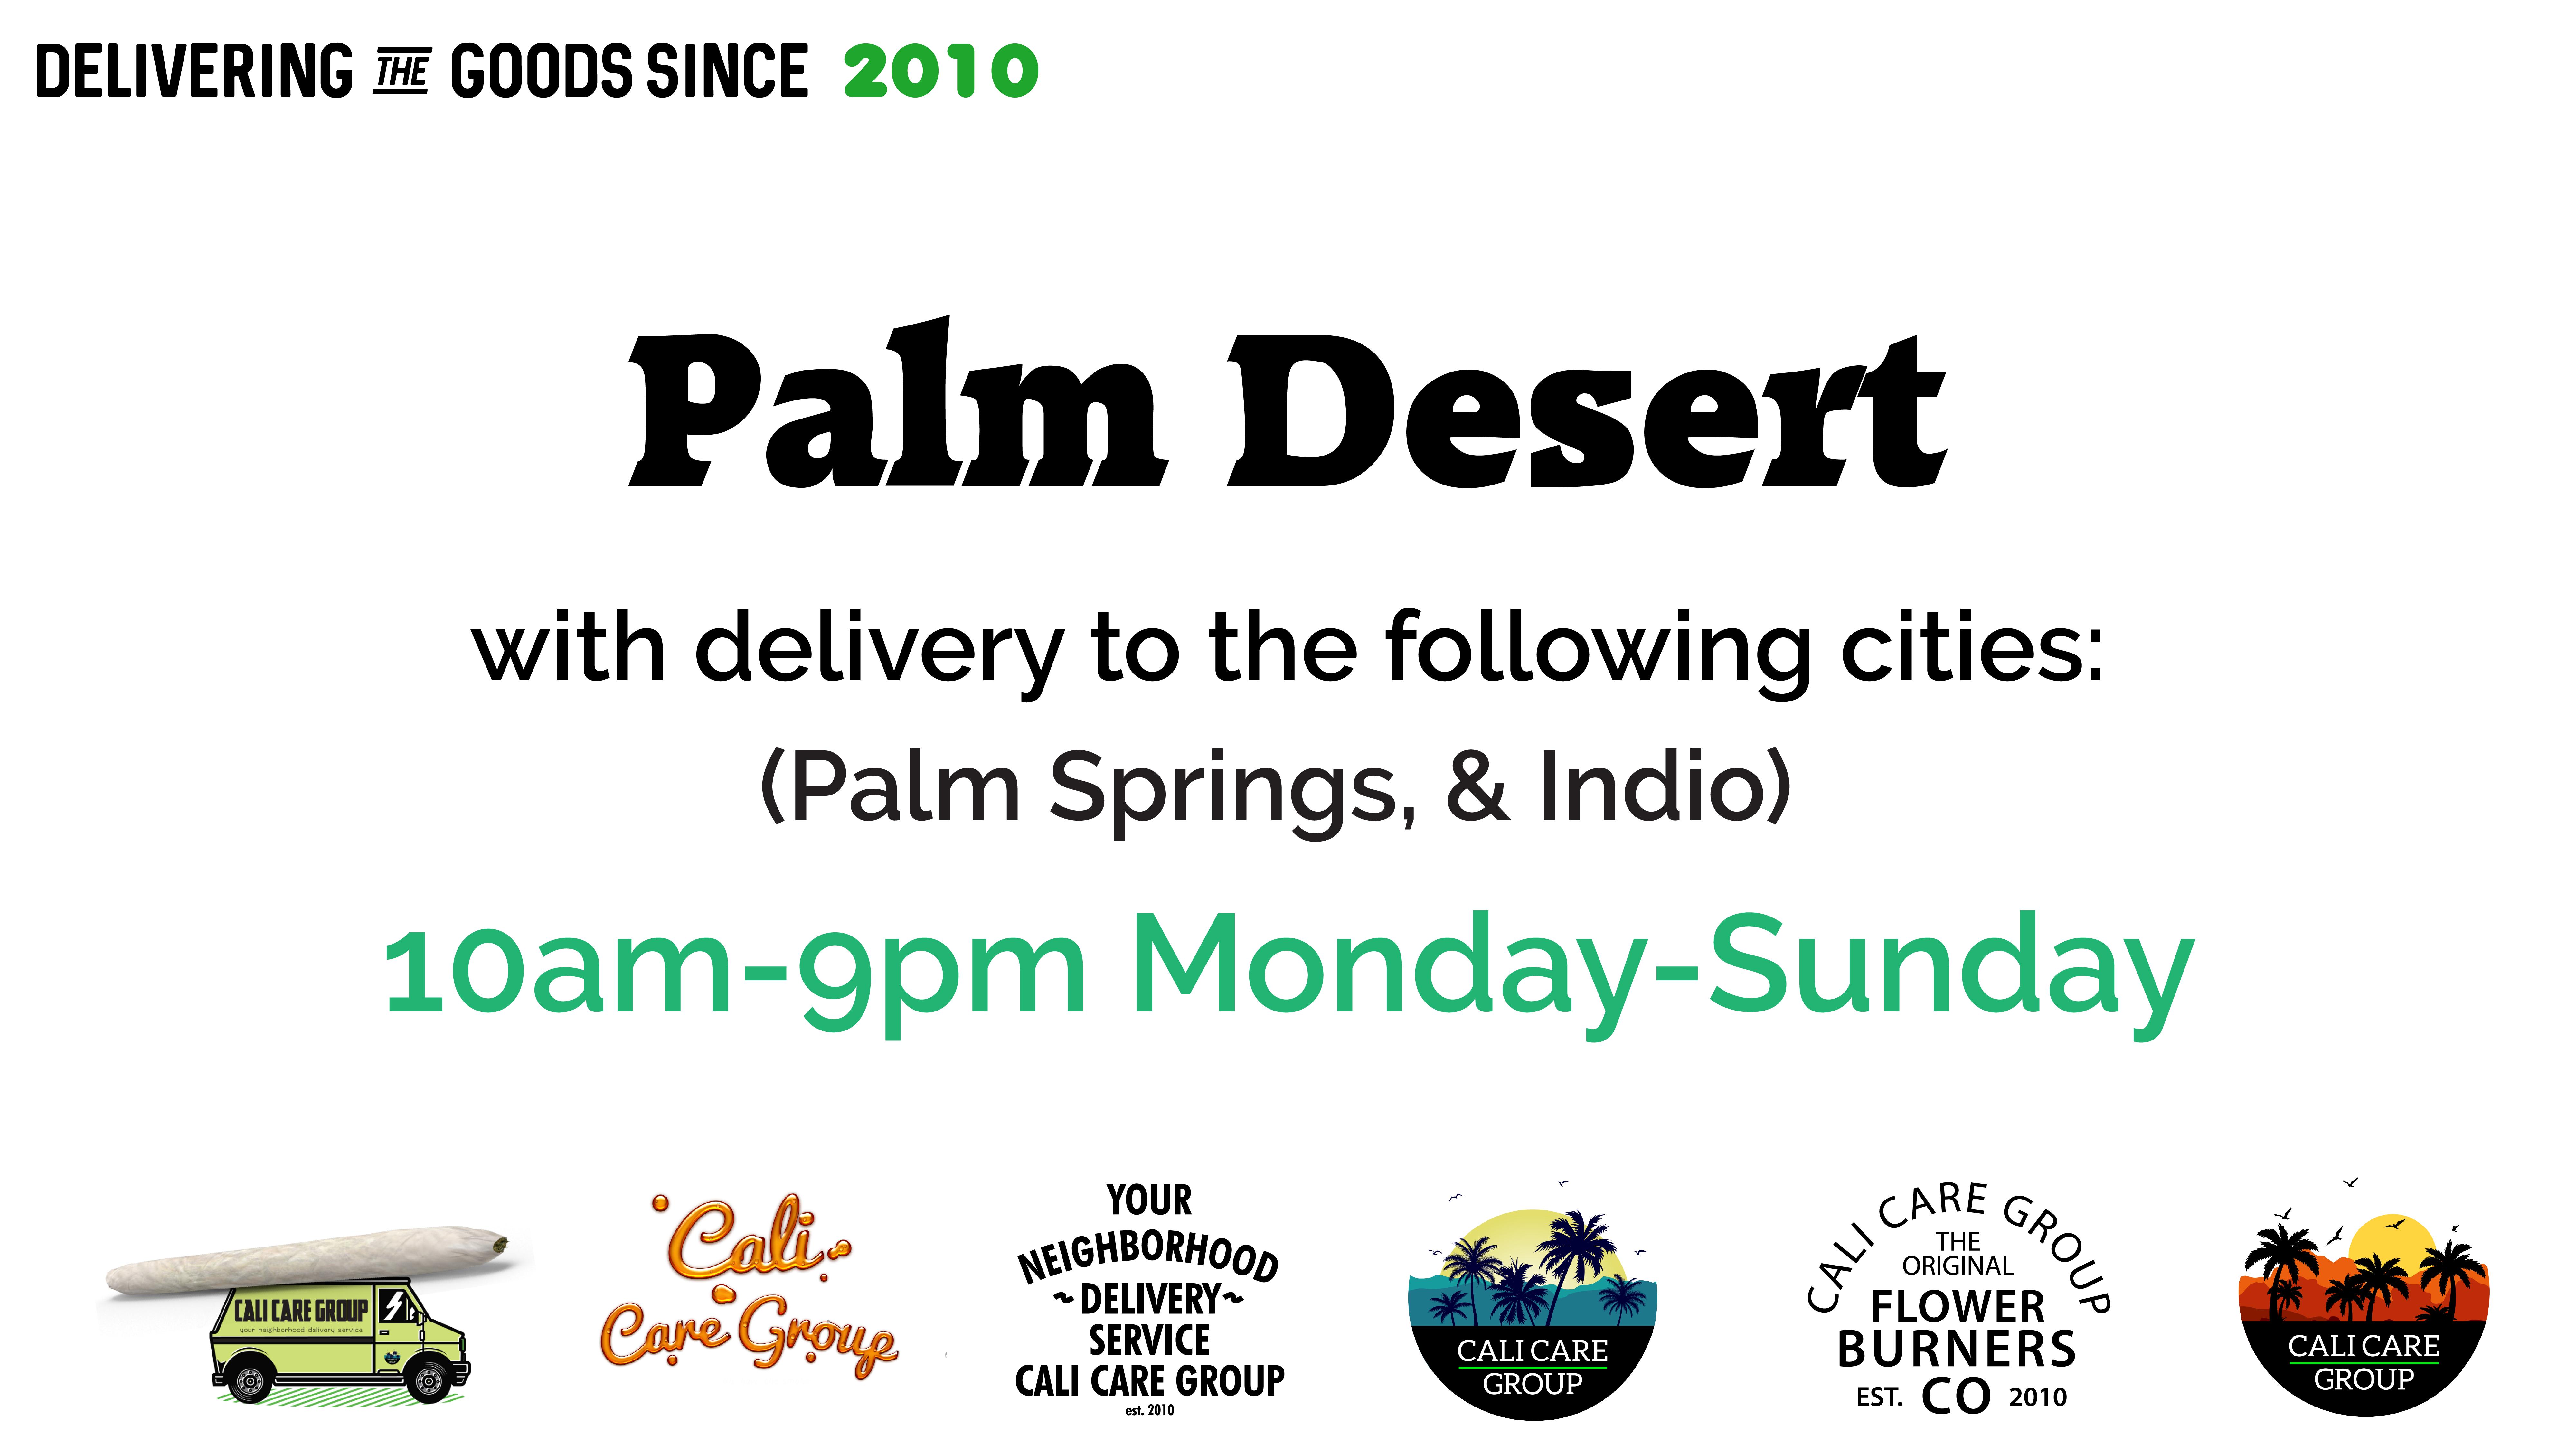 ccg-palm-desert-site-info-2.8.21.png